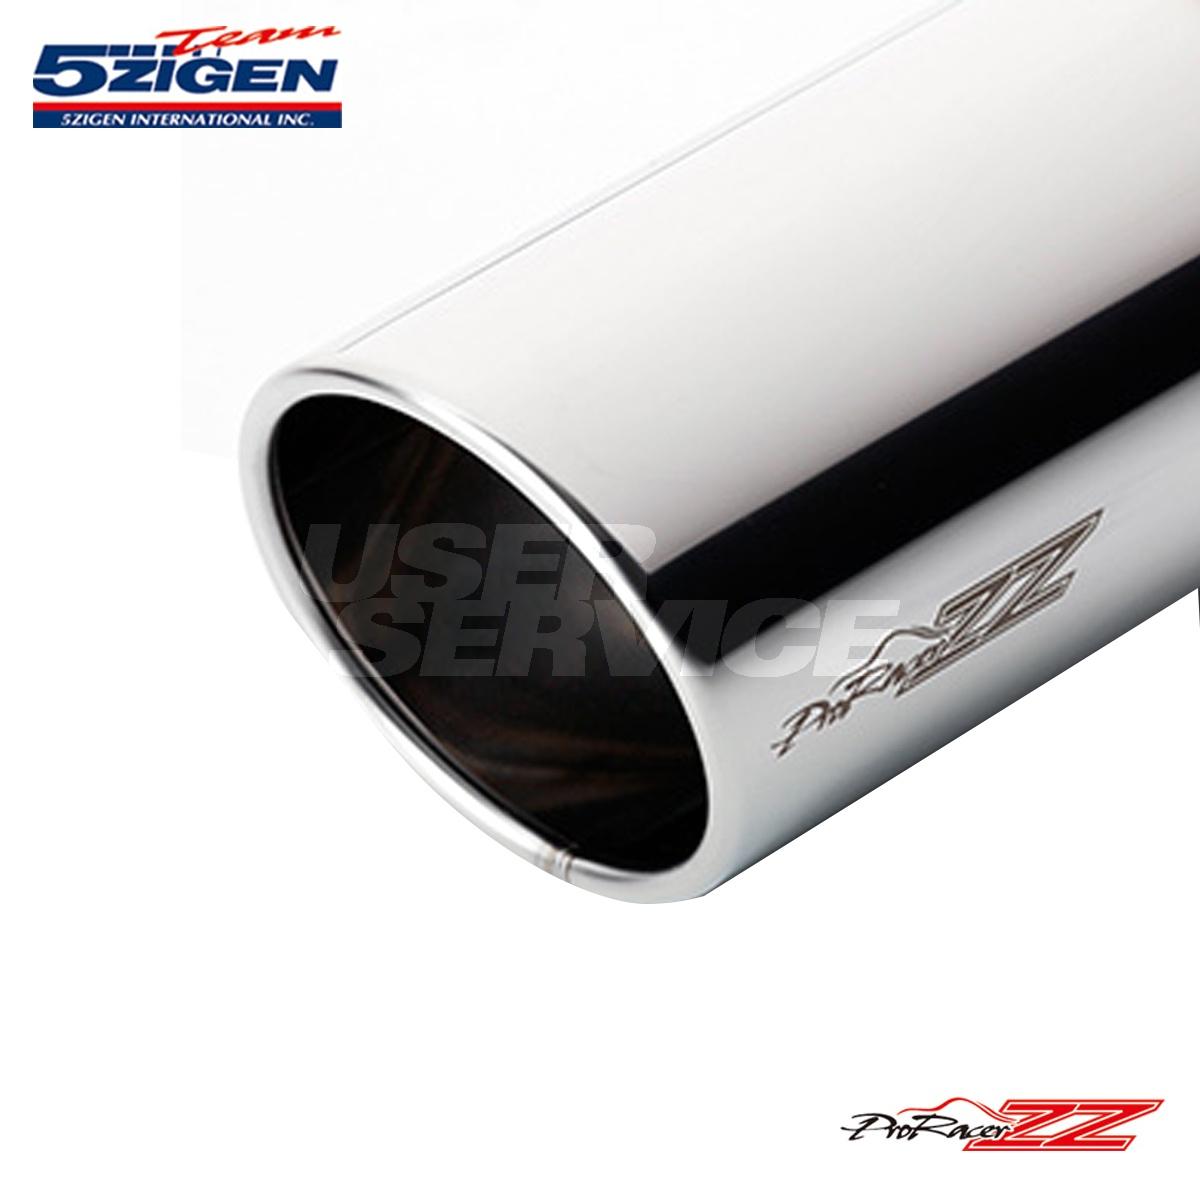 5次元 プロレーサーZZ プレリュード E-BB6 マフラー 品番:PZH-012 5ZIGEN